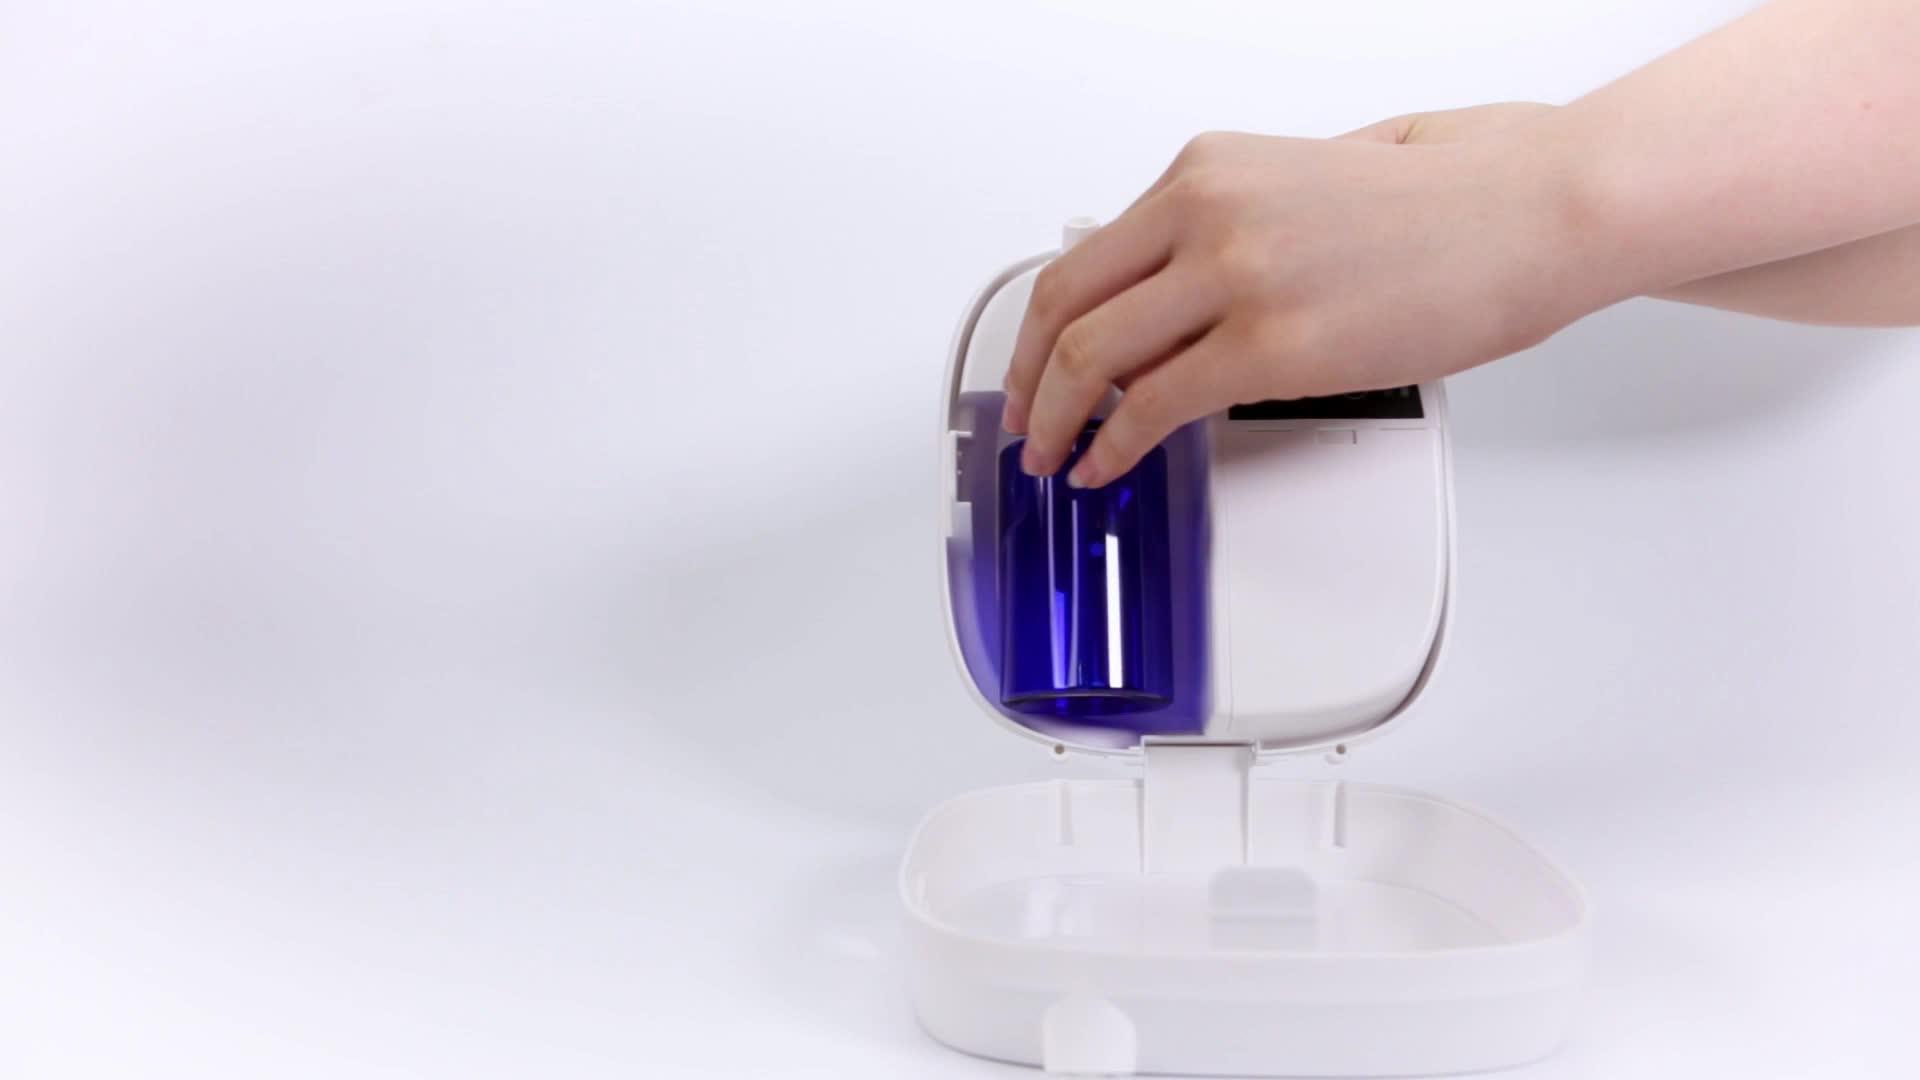 인기있는 Products 아로마 양 Diffuser 전기 Hotel 룸 Air 청정기